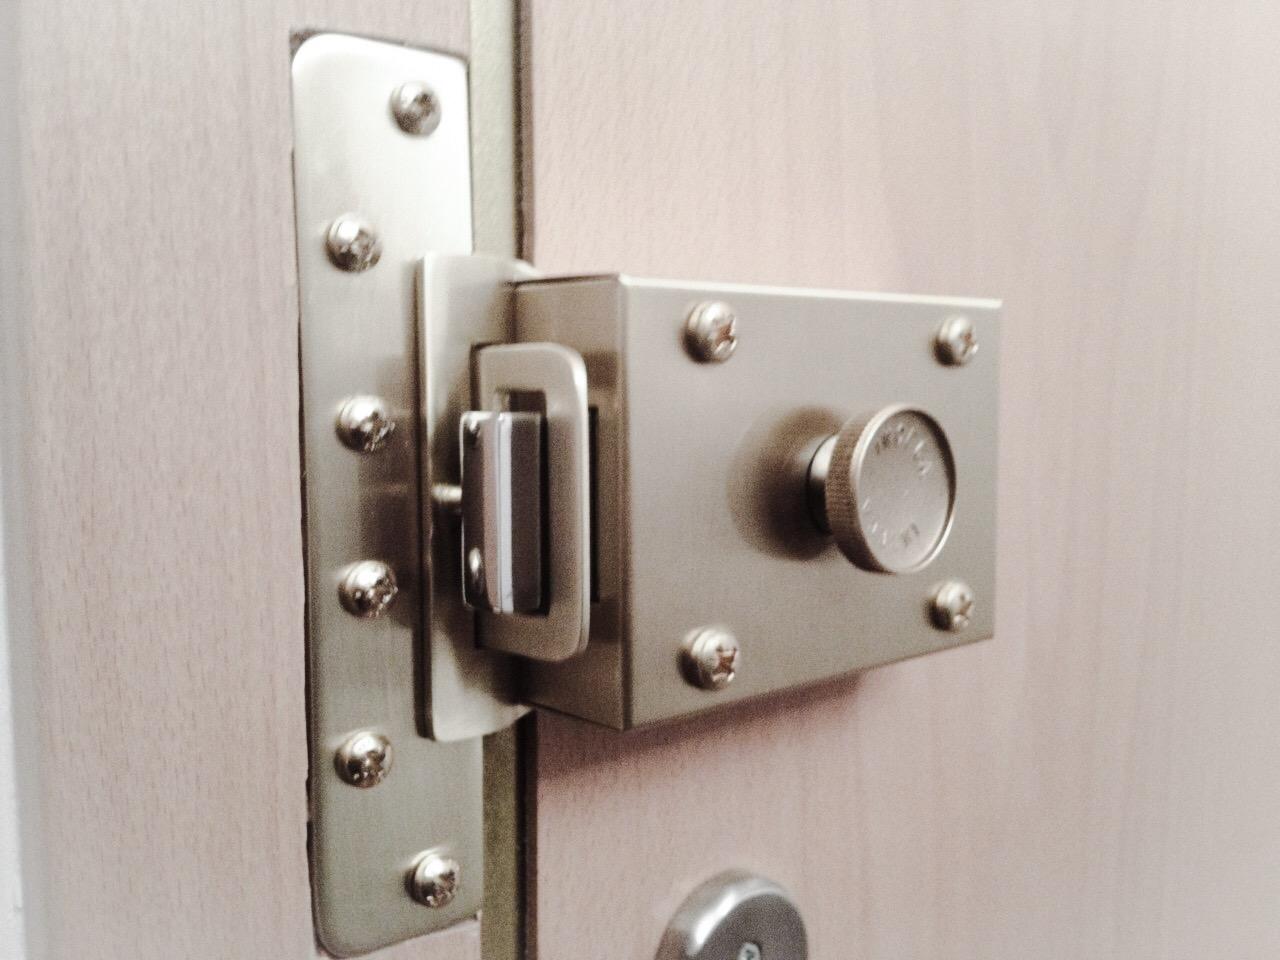 Tu cerrajer a cerrajer a 24 horas telf 661 99 11 44 - Cerraduras de seguridad precios ...